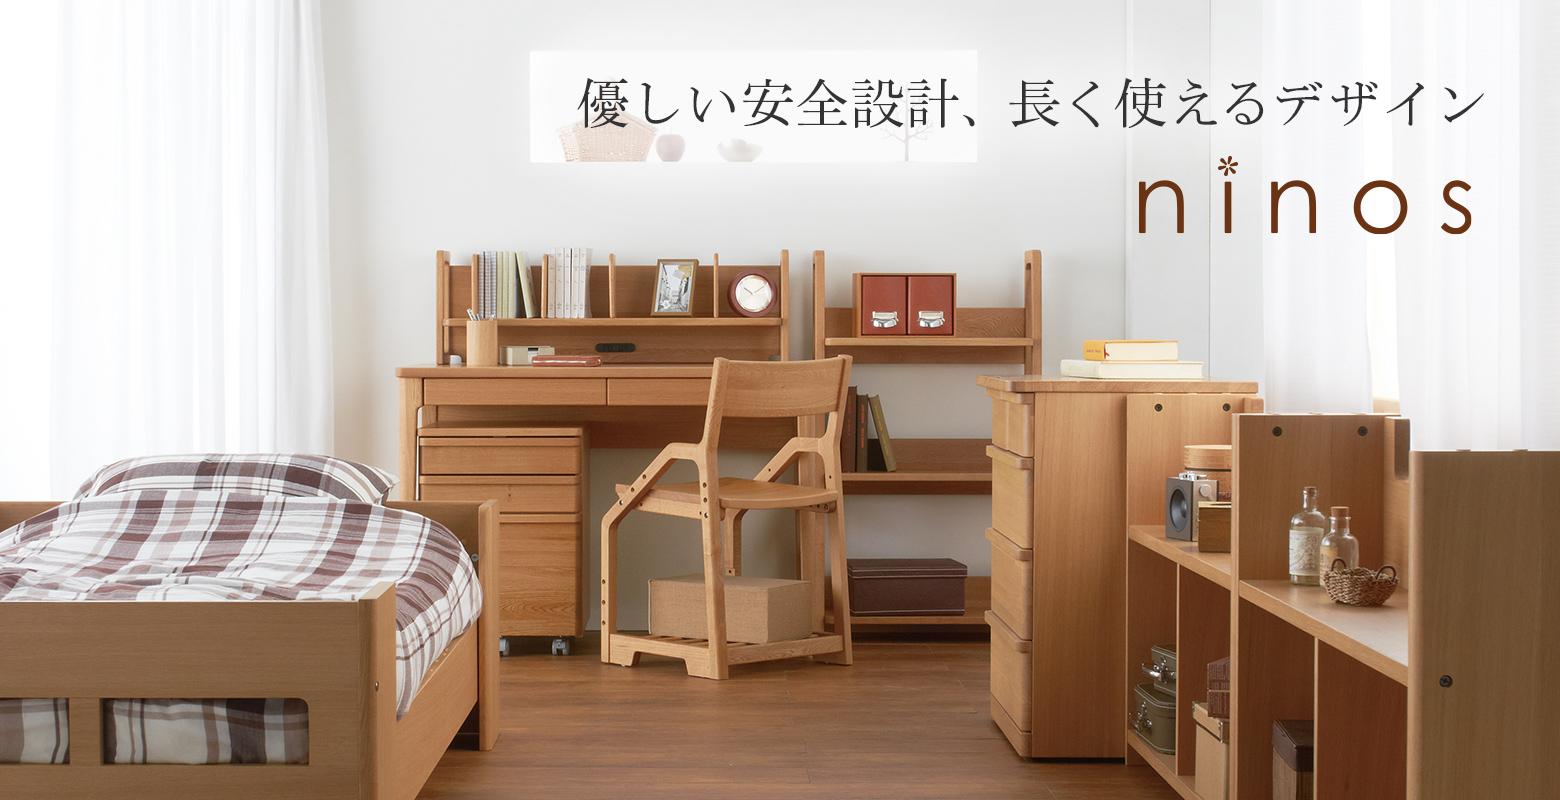 2キッズ家具(ニノス)特集